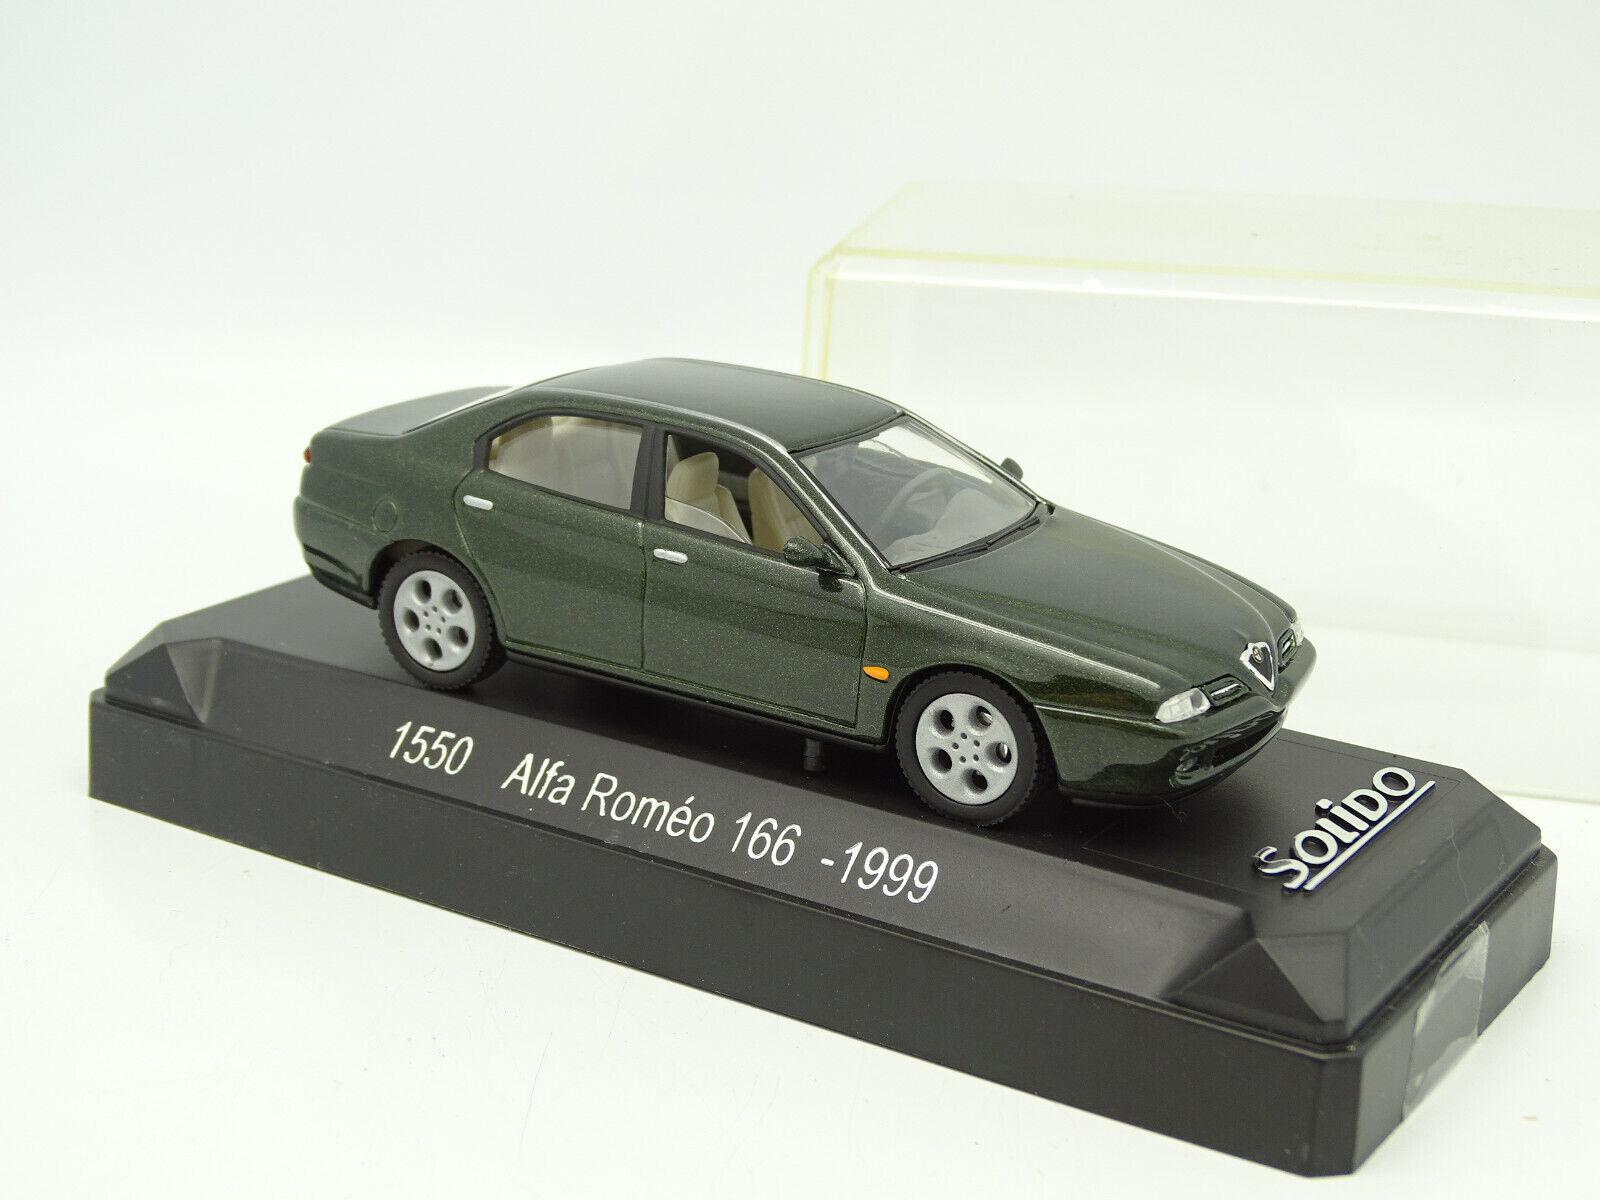 Solido 1 43 - Alfa Romeo 166 1998 Green